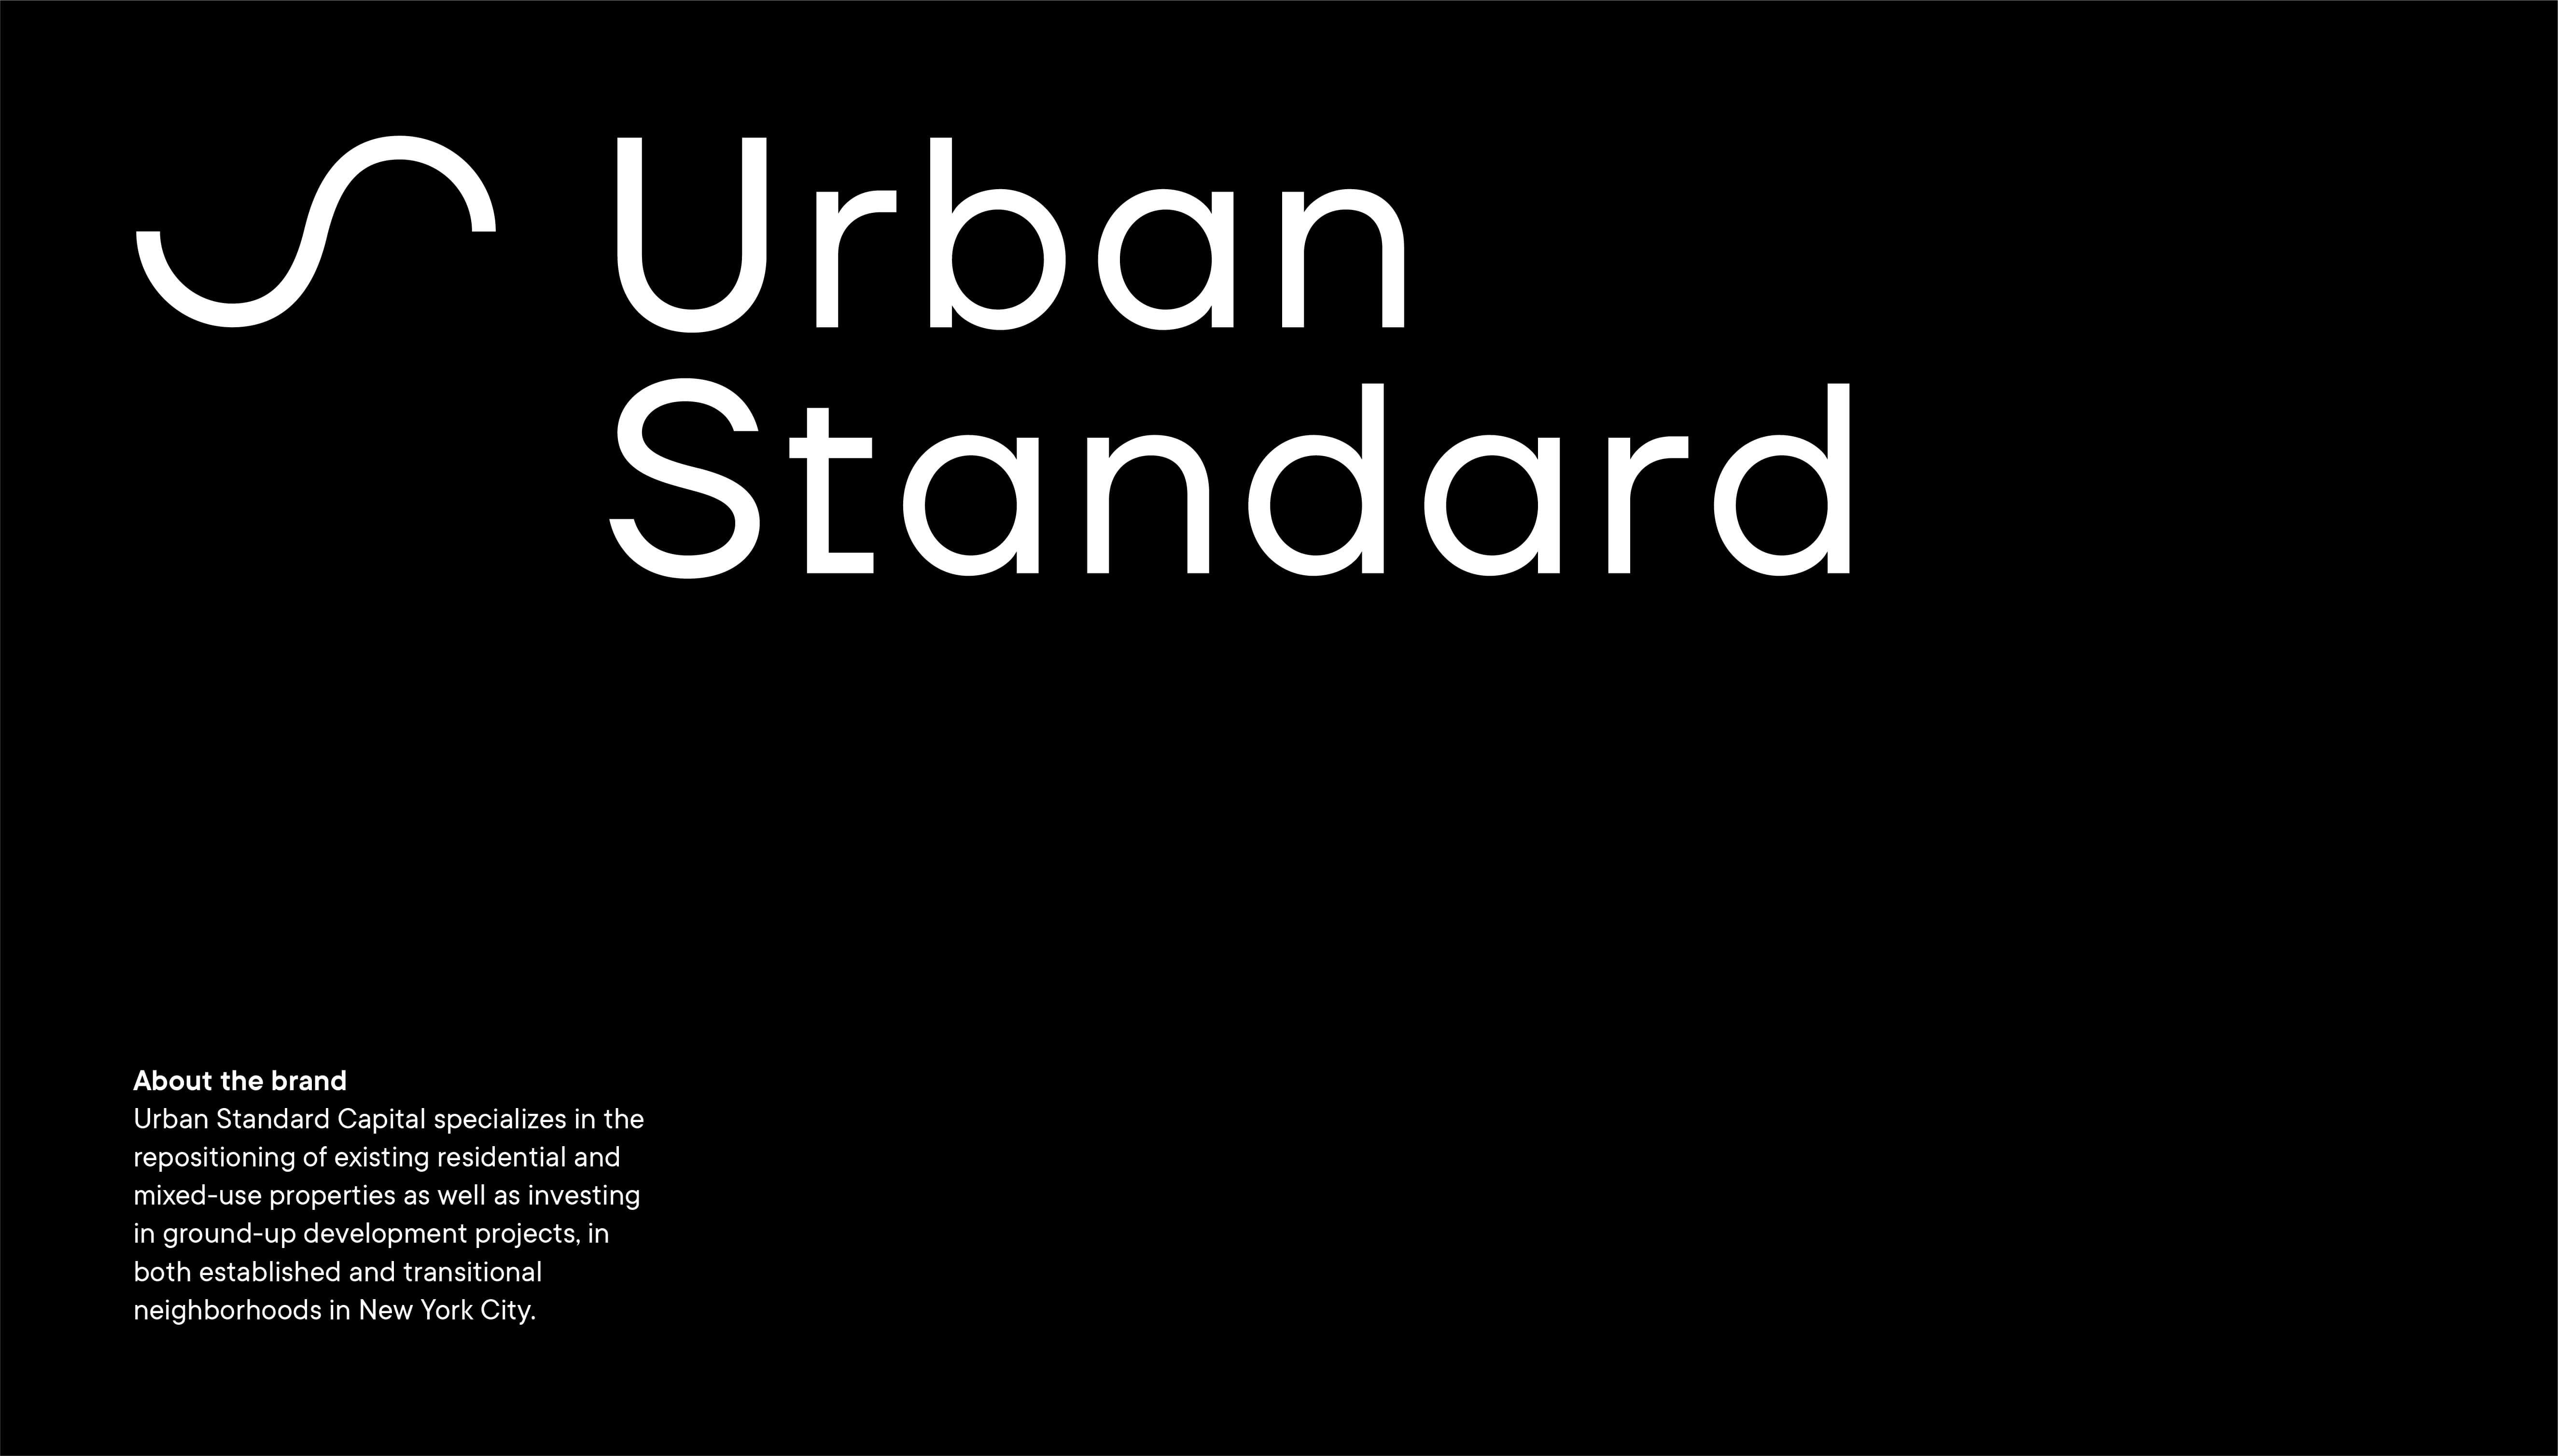 Urban Standard Capital